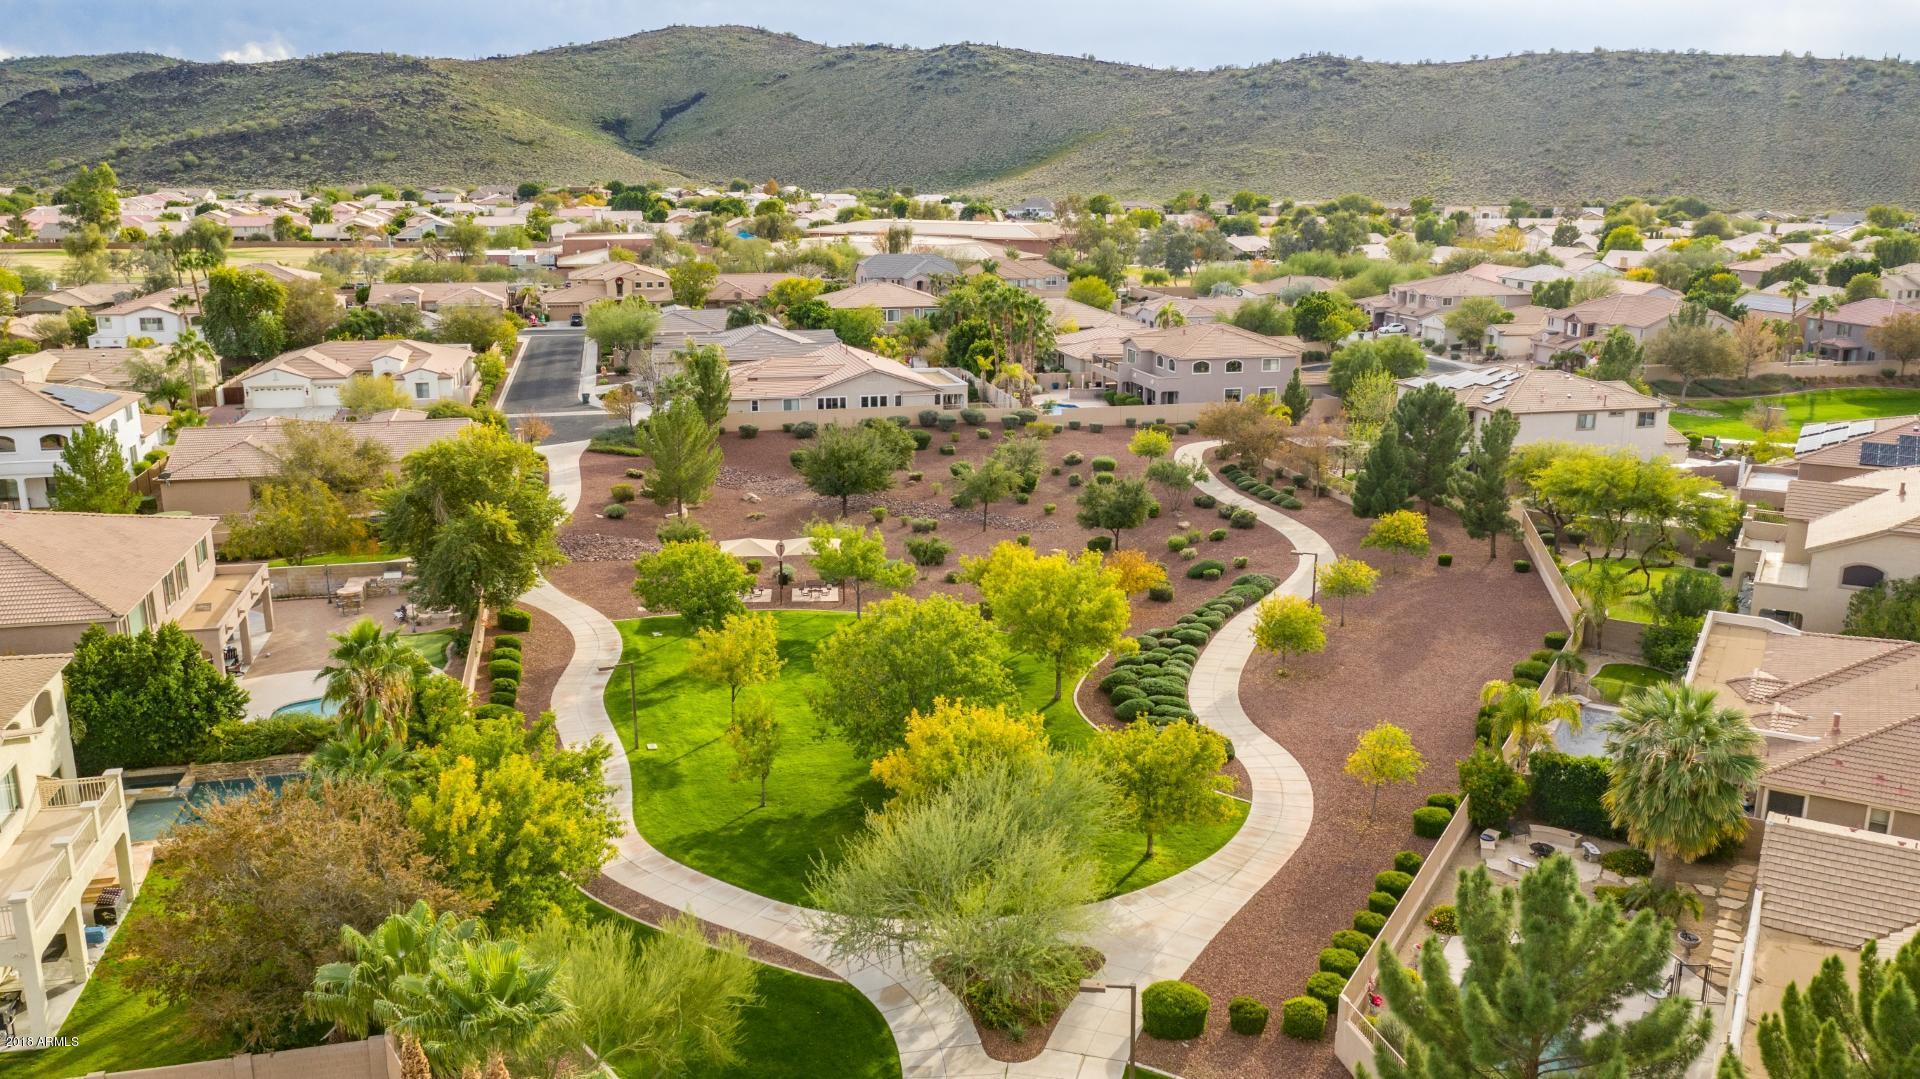 MLS 5854821 5703 W ROBB Lane, Glendale, AZ 85310 Glendale AZ Gated